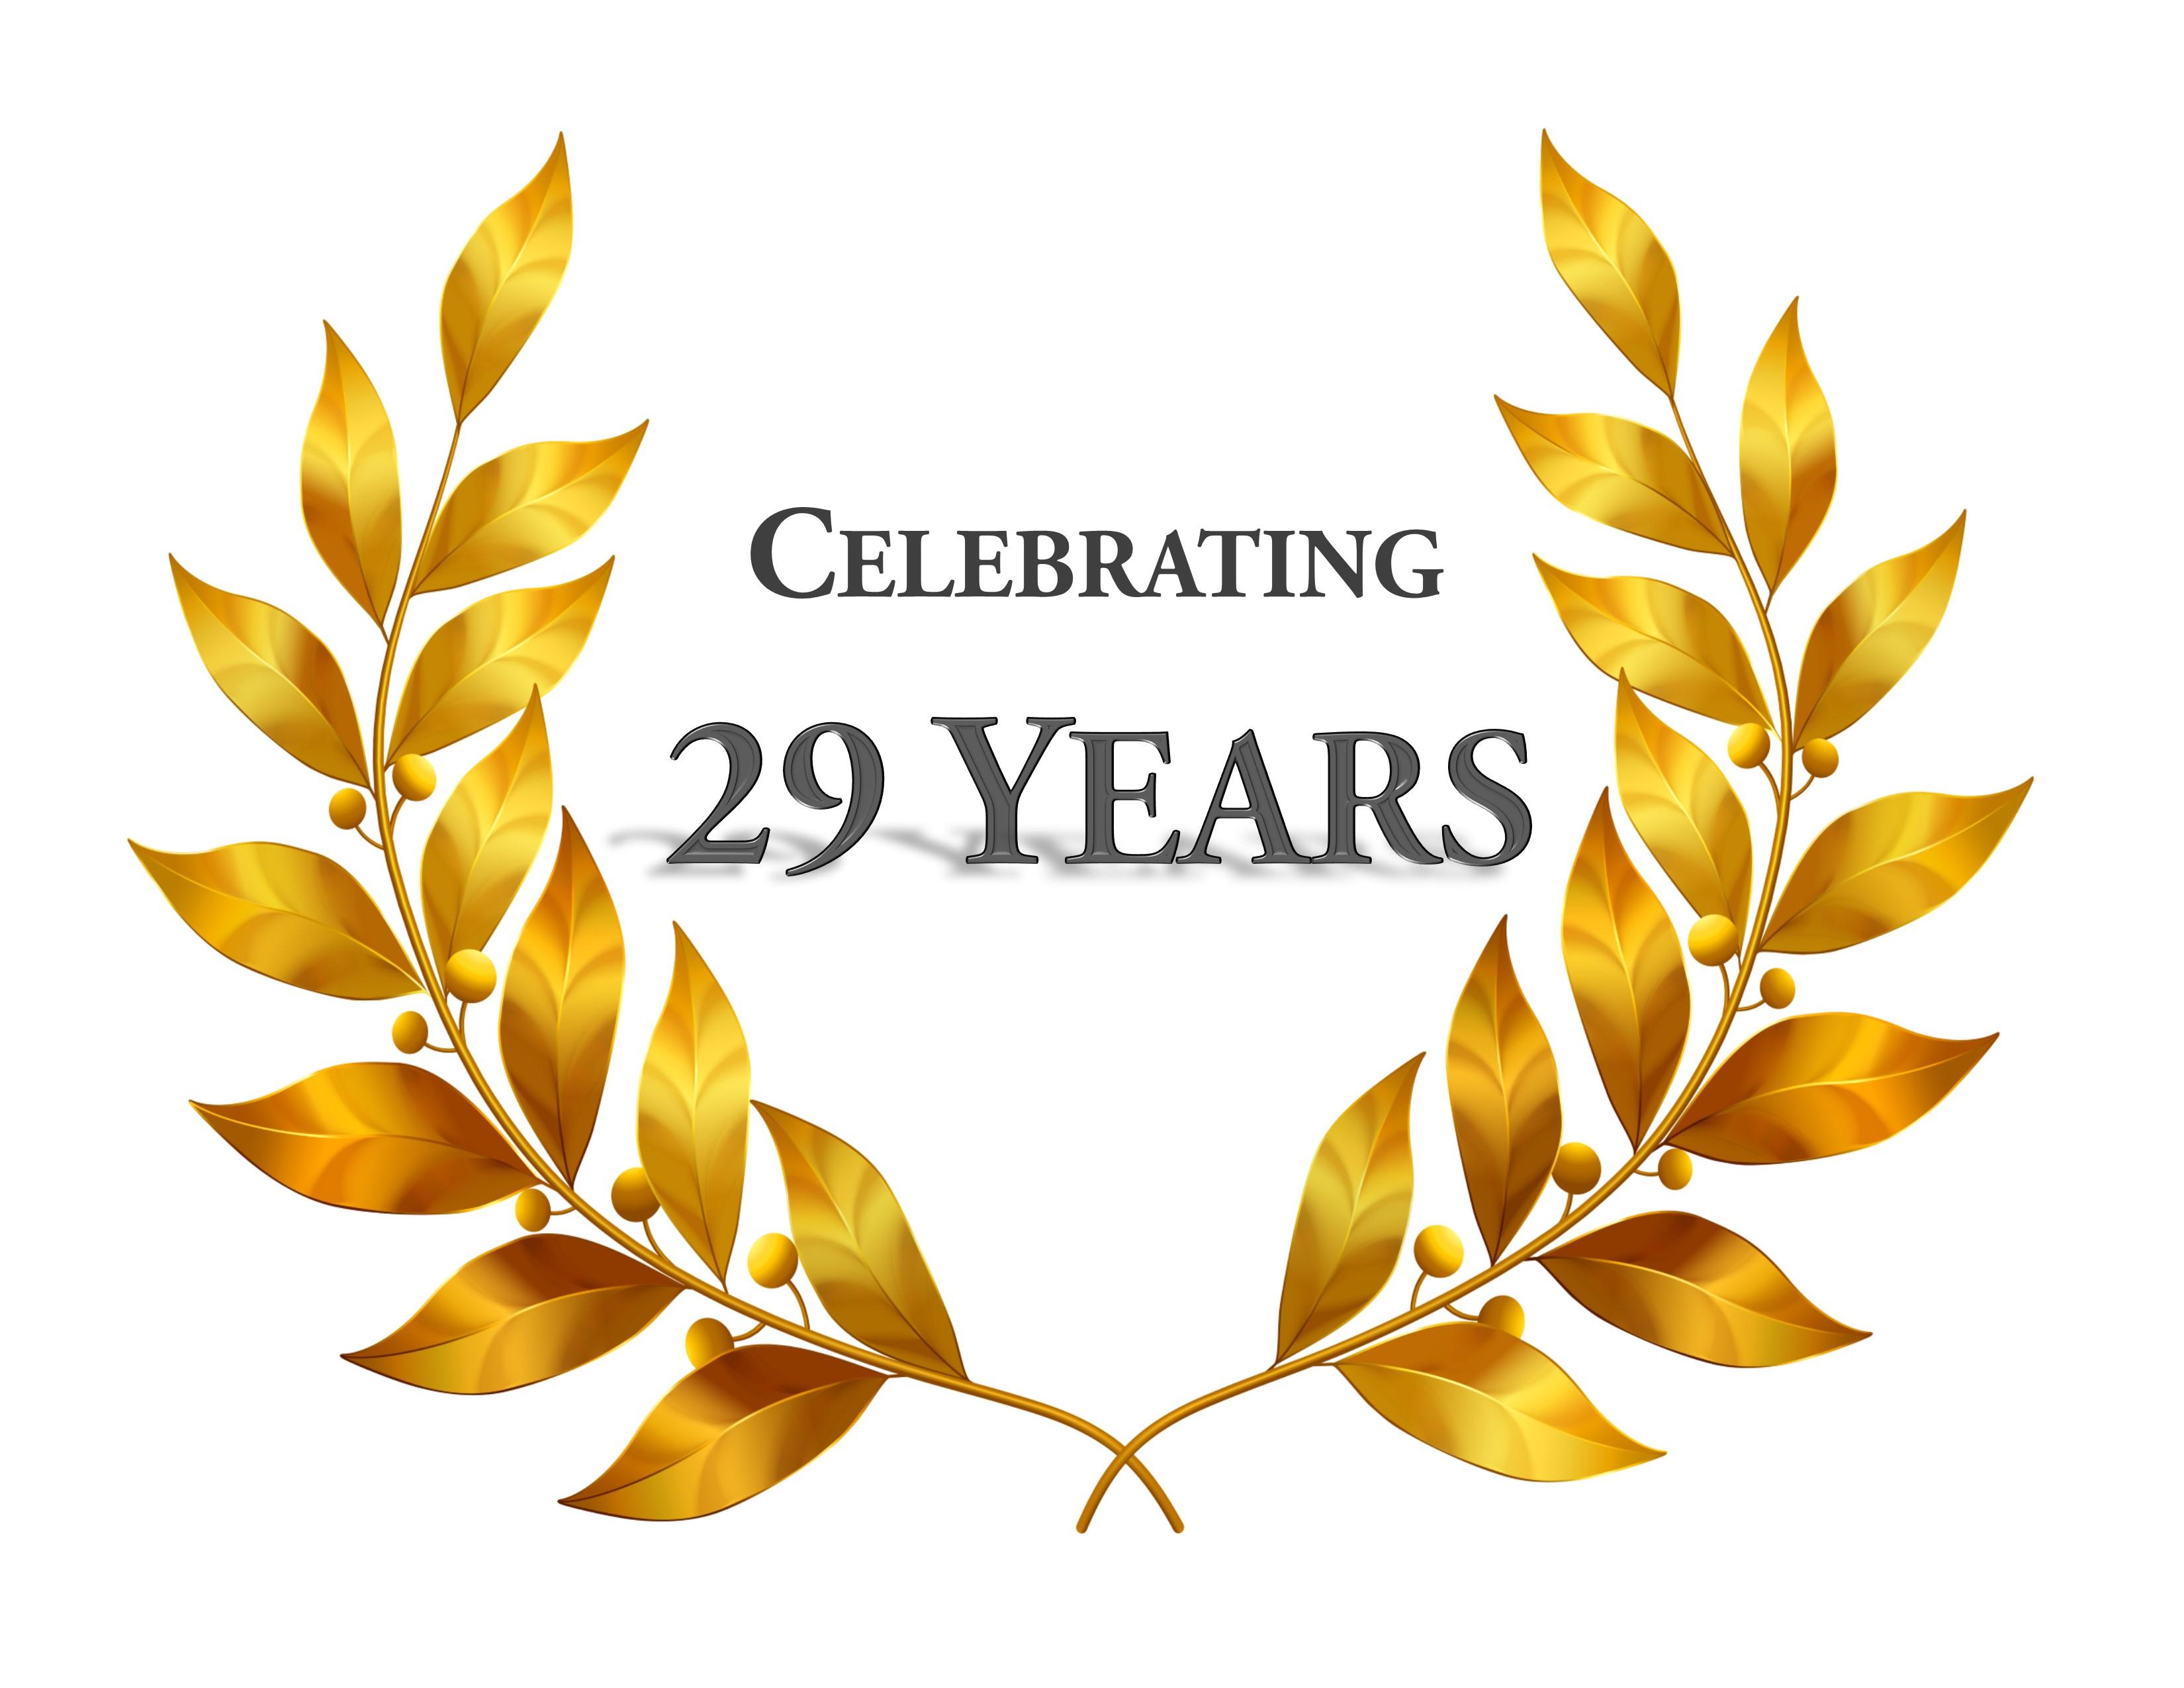 Celebrating 29